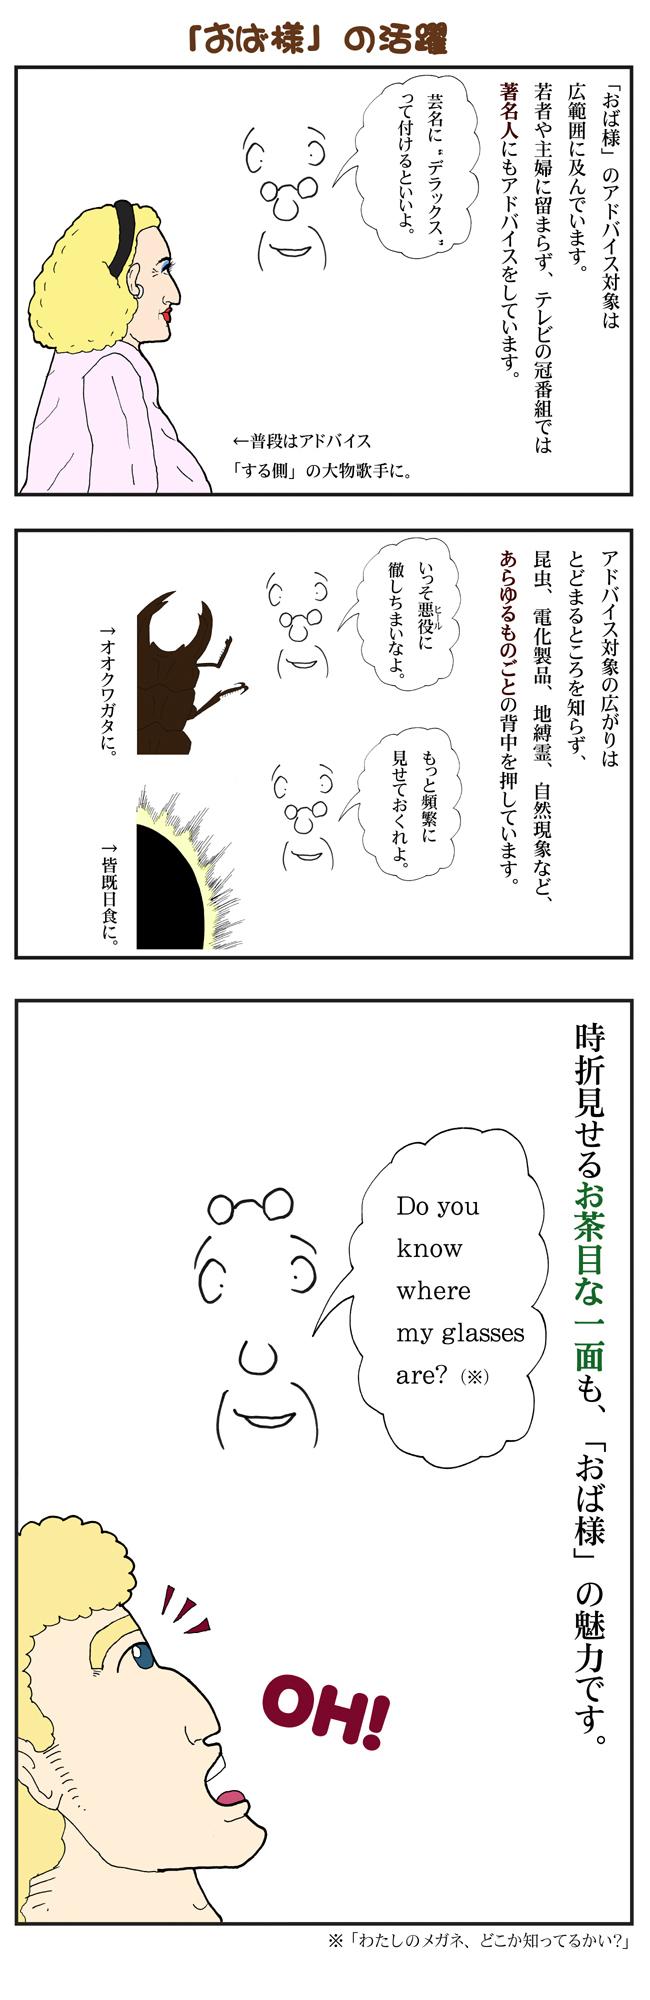 obasama_4